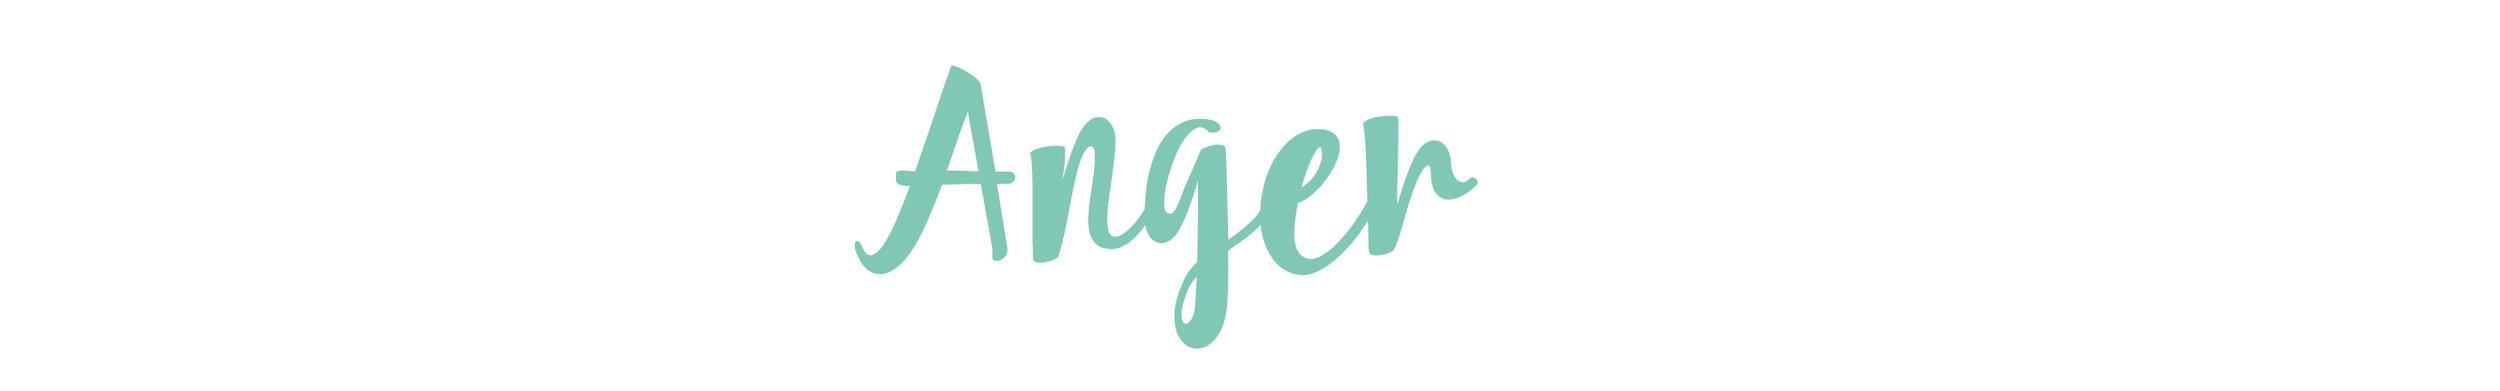 lhanger-01[4037].png